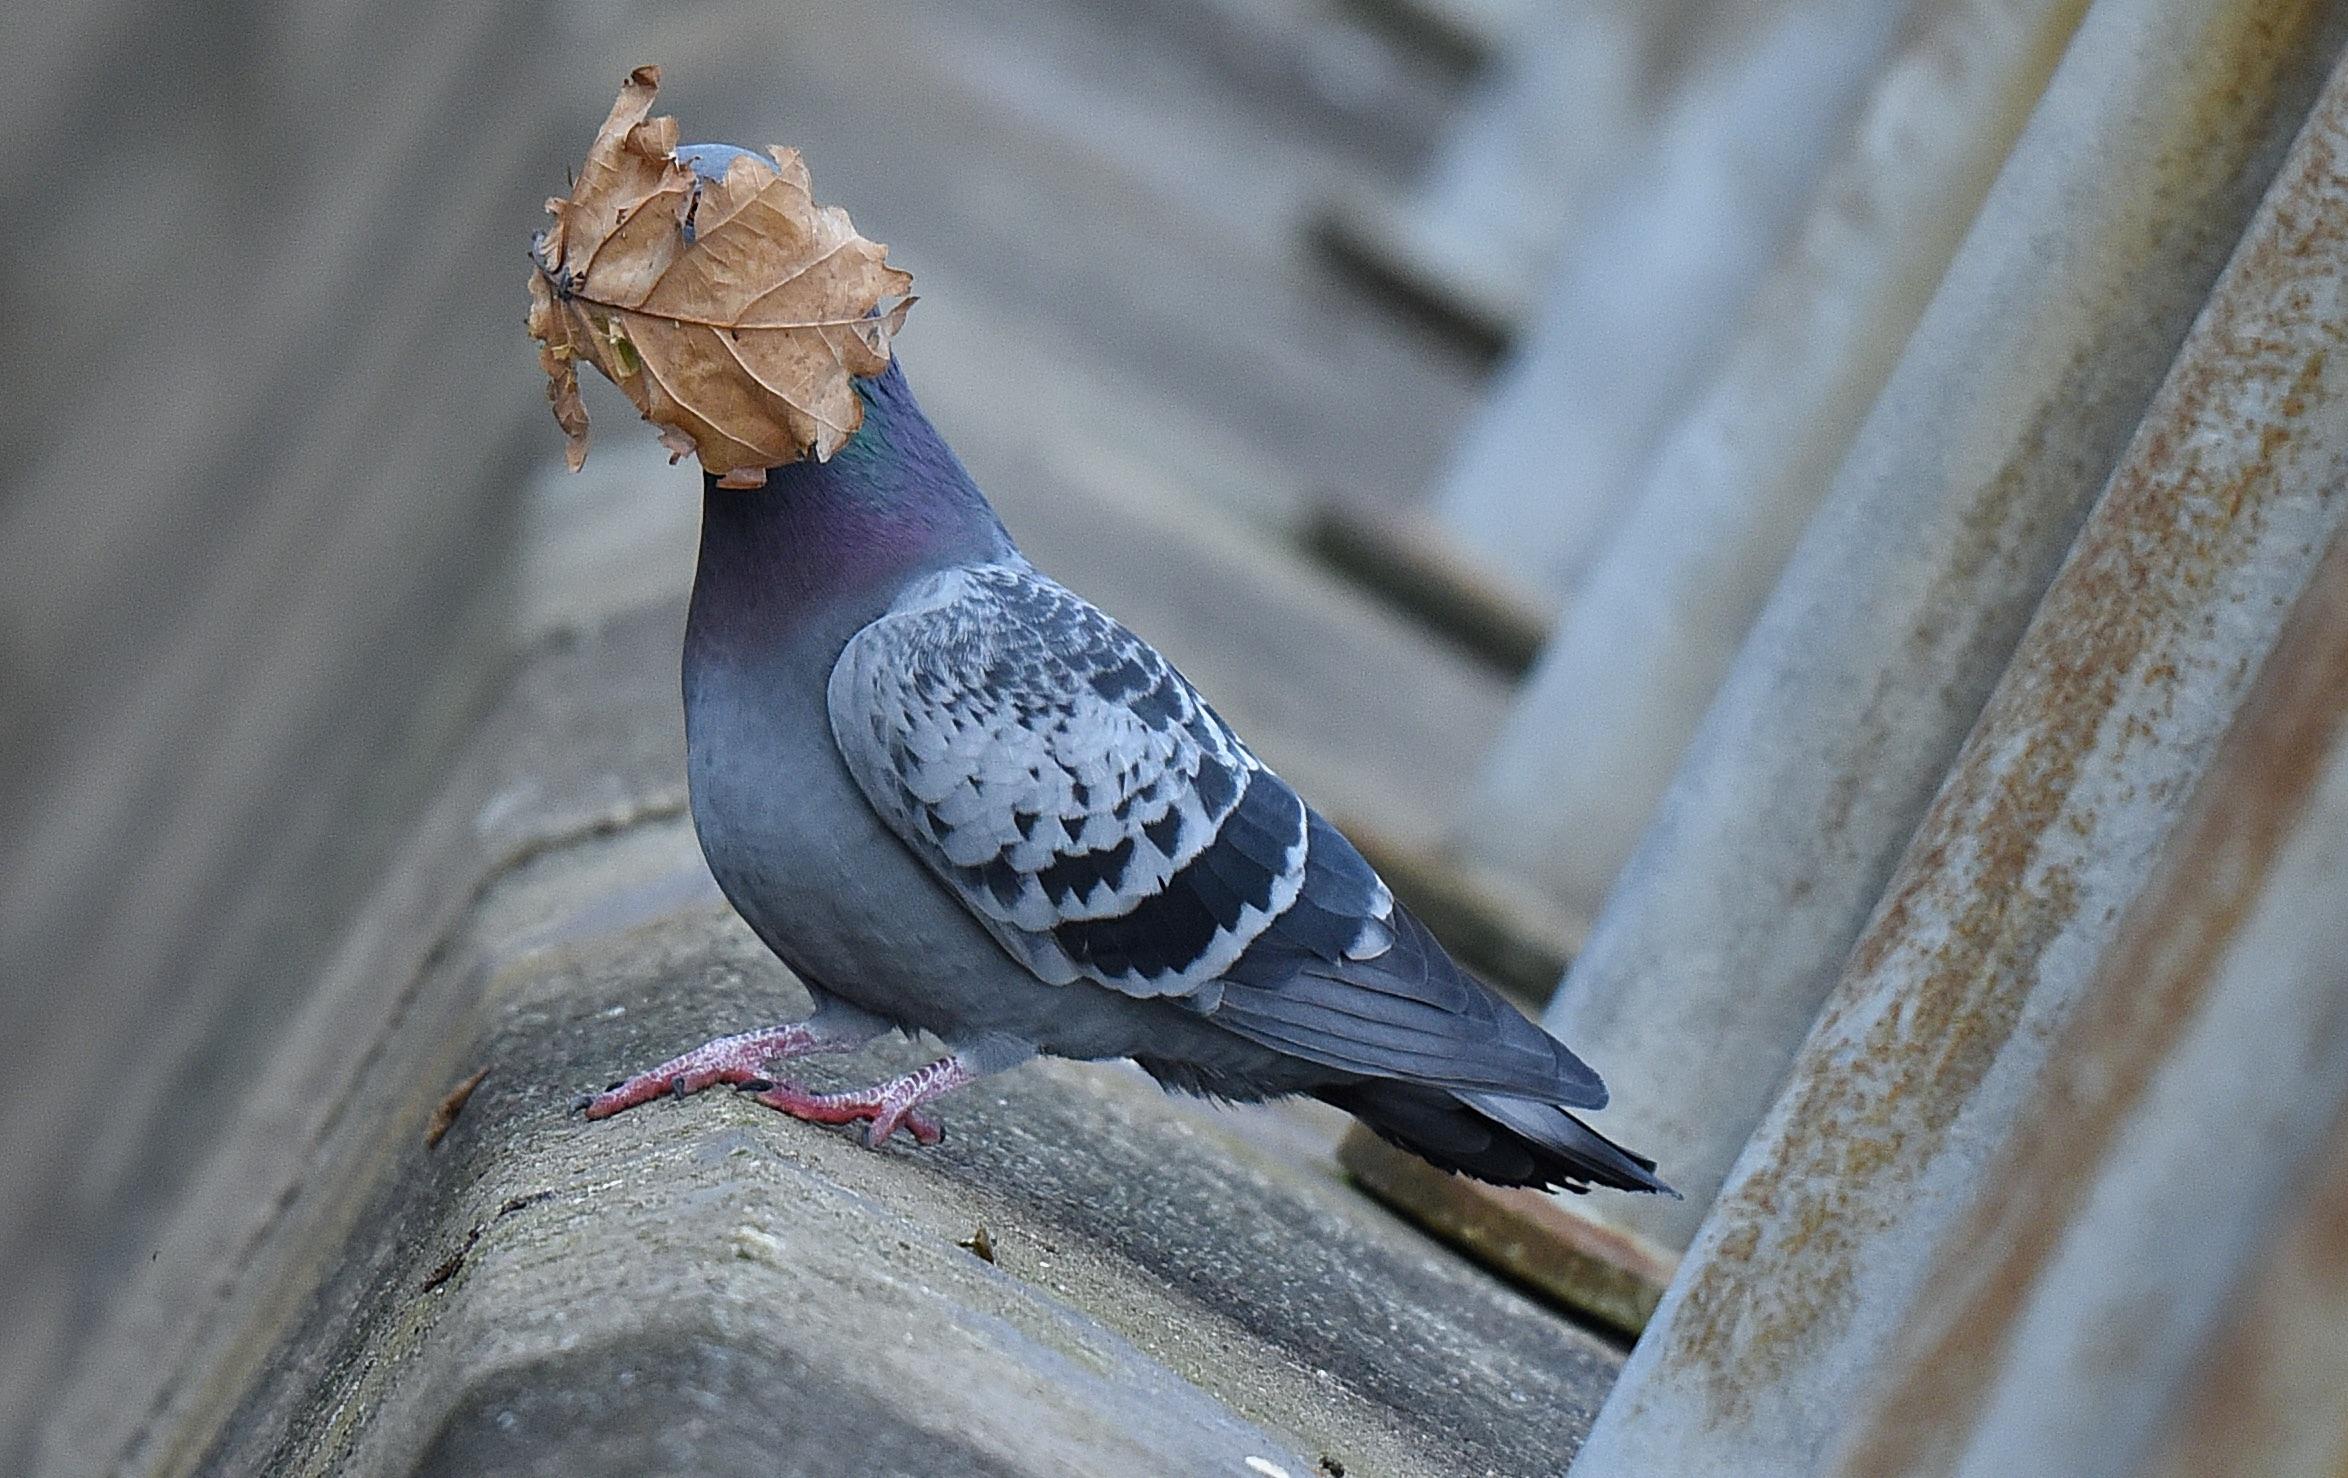 Seekor burung ketutupan burung